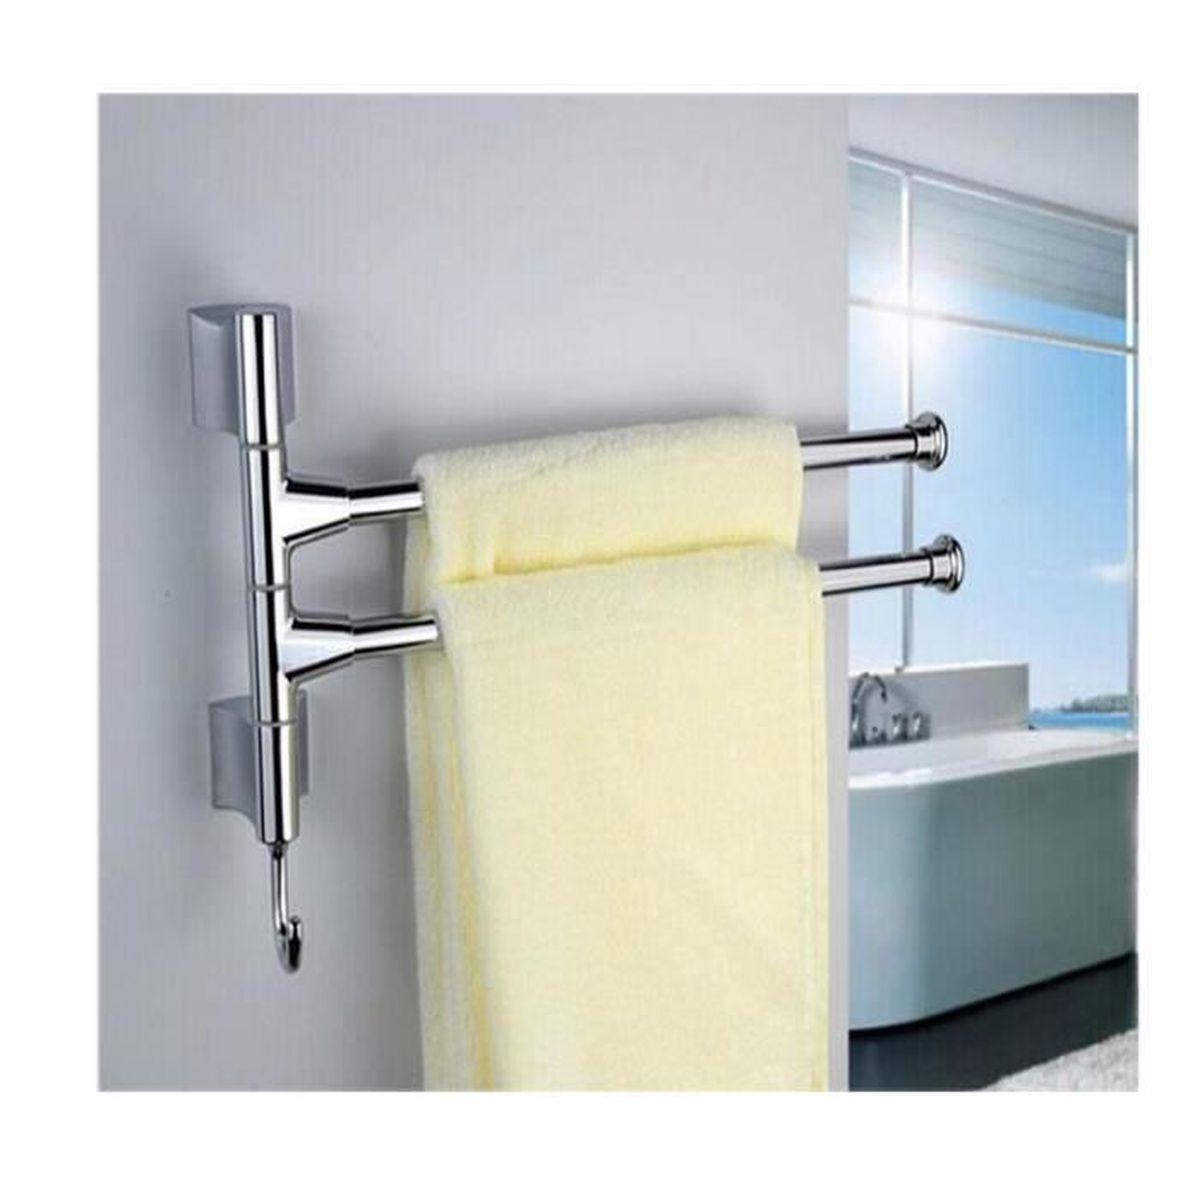 2 barres porte serviettes mural pivotantes en acier for Porte serviettes mural salle de bain